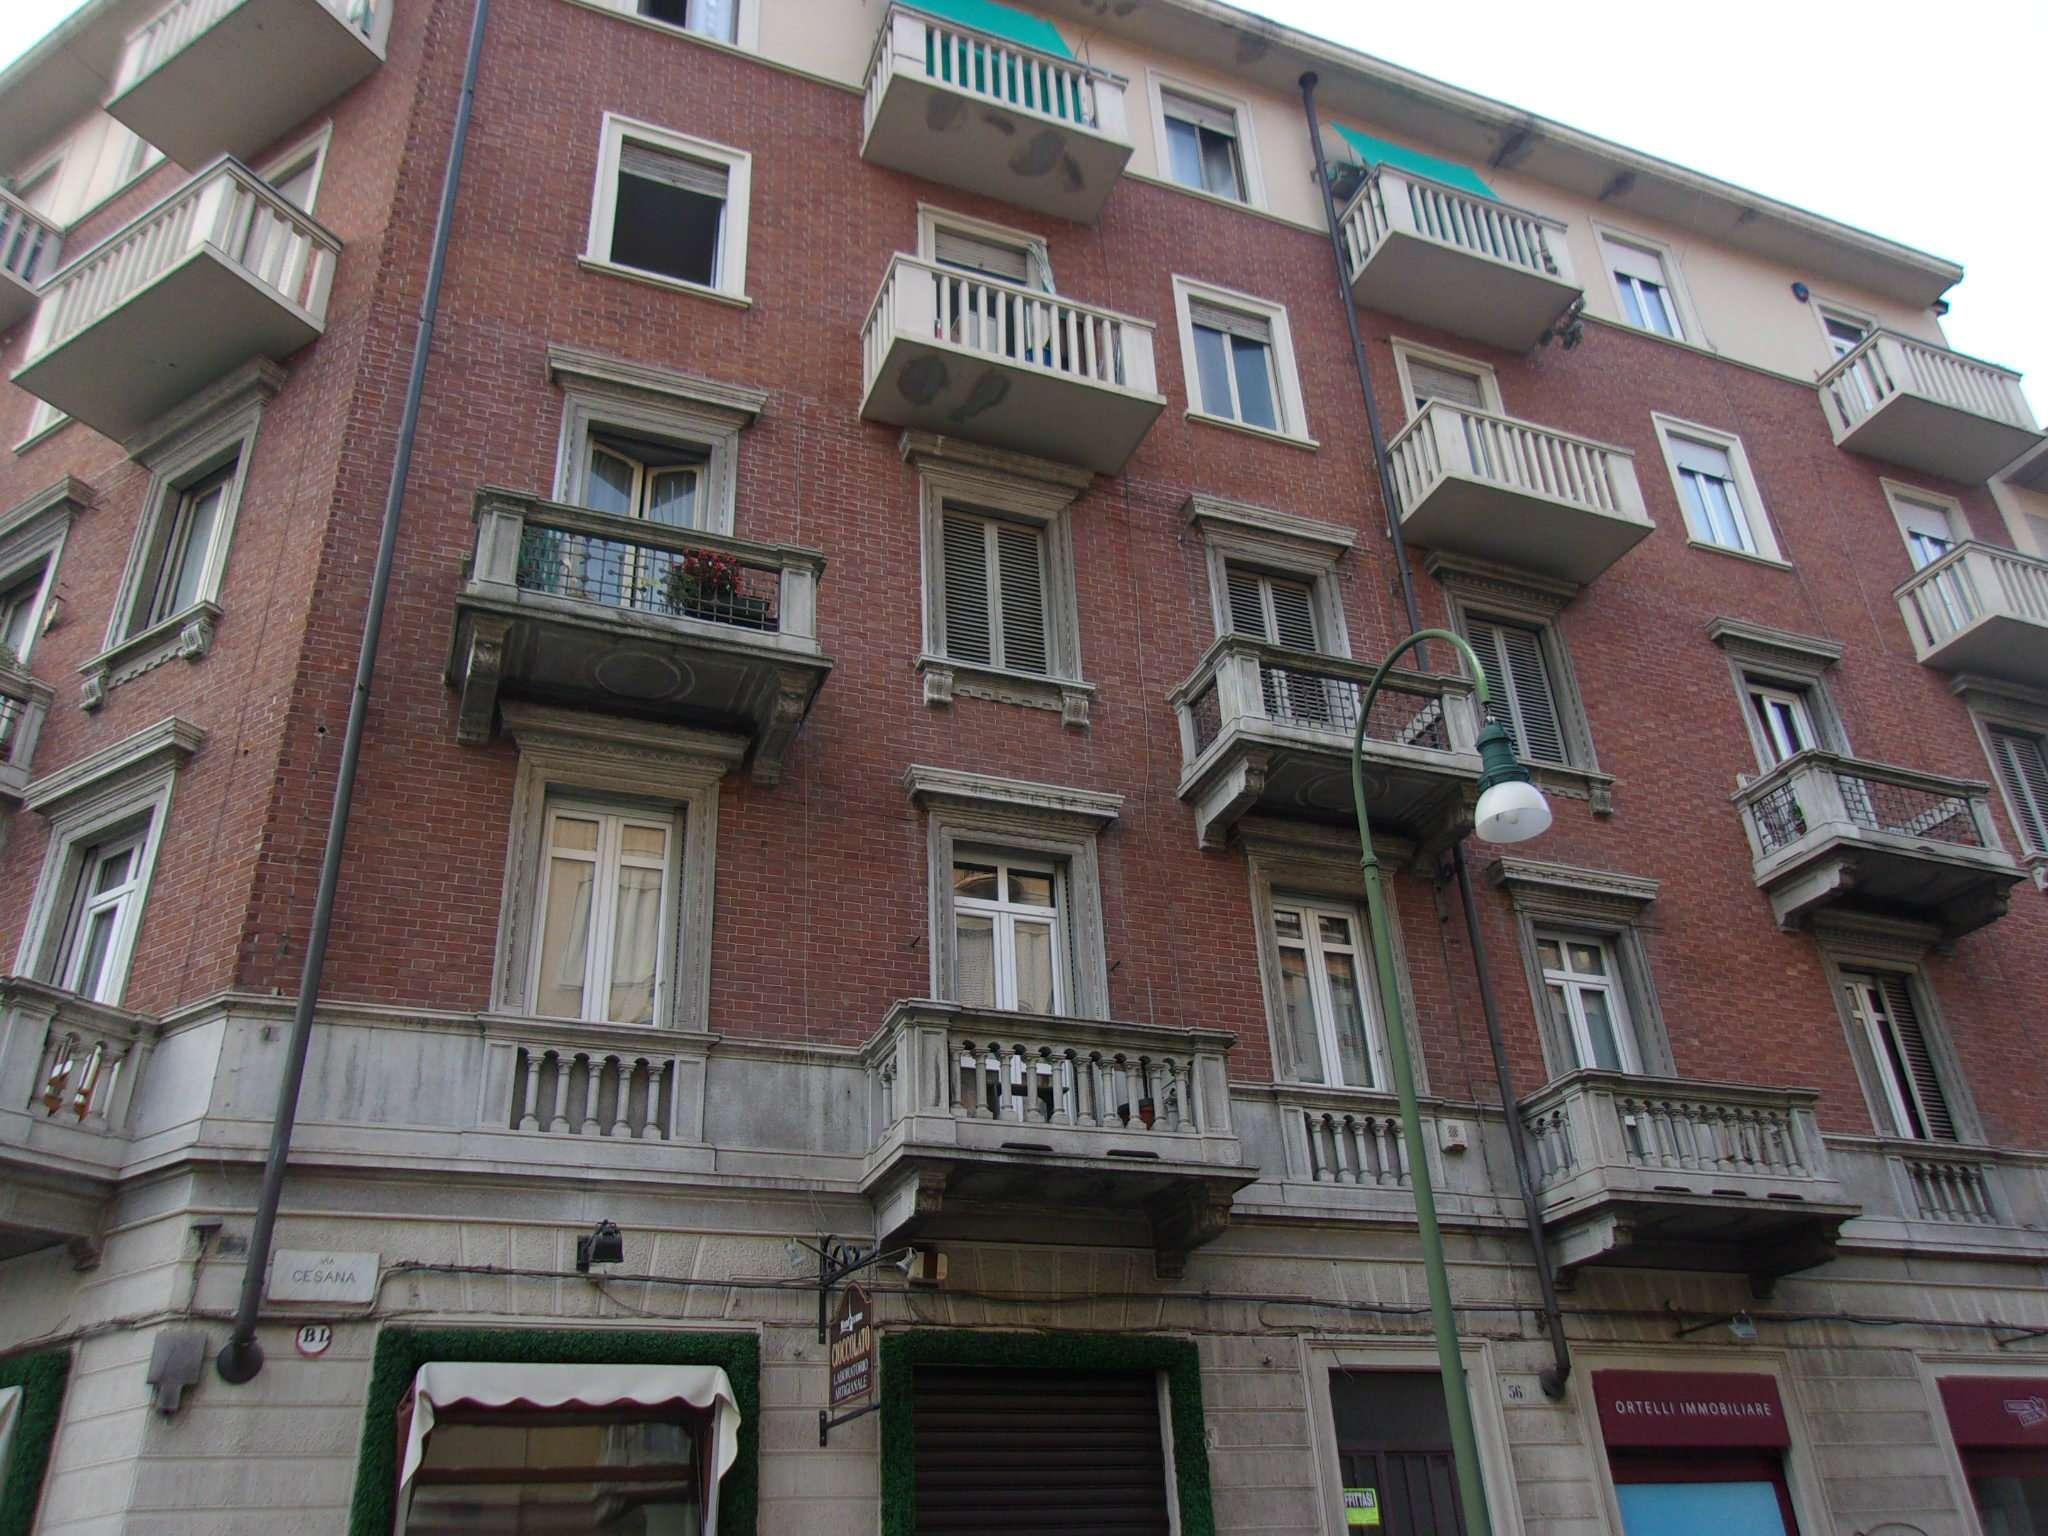 Appartamento in affitto a torino via cesana for Appartamento design torino affitto